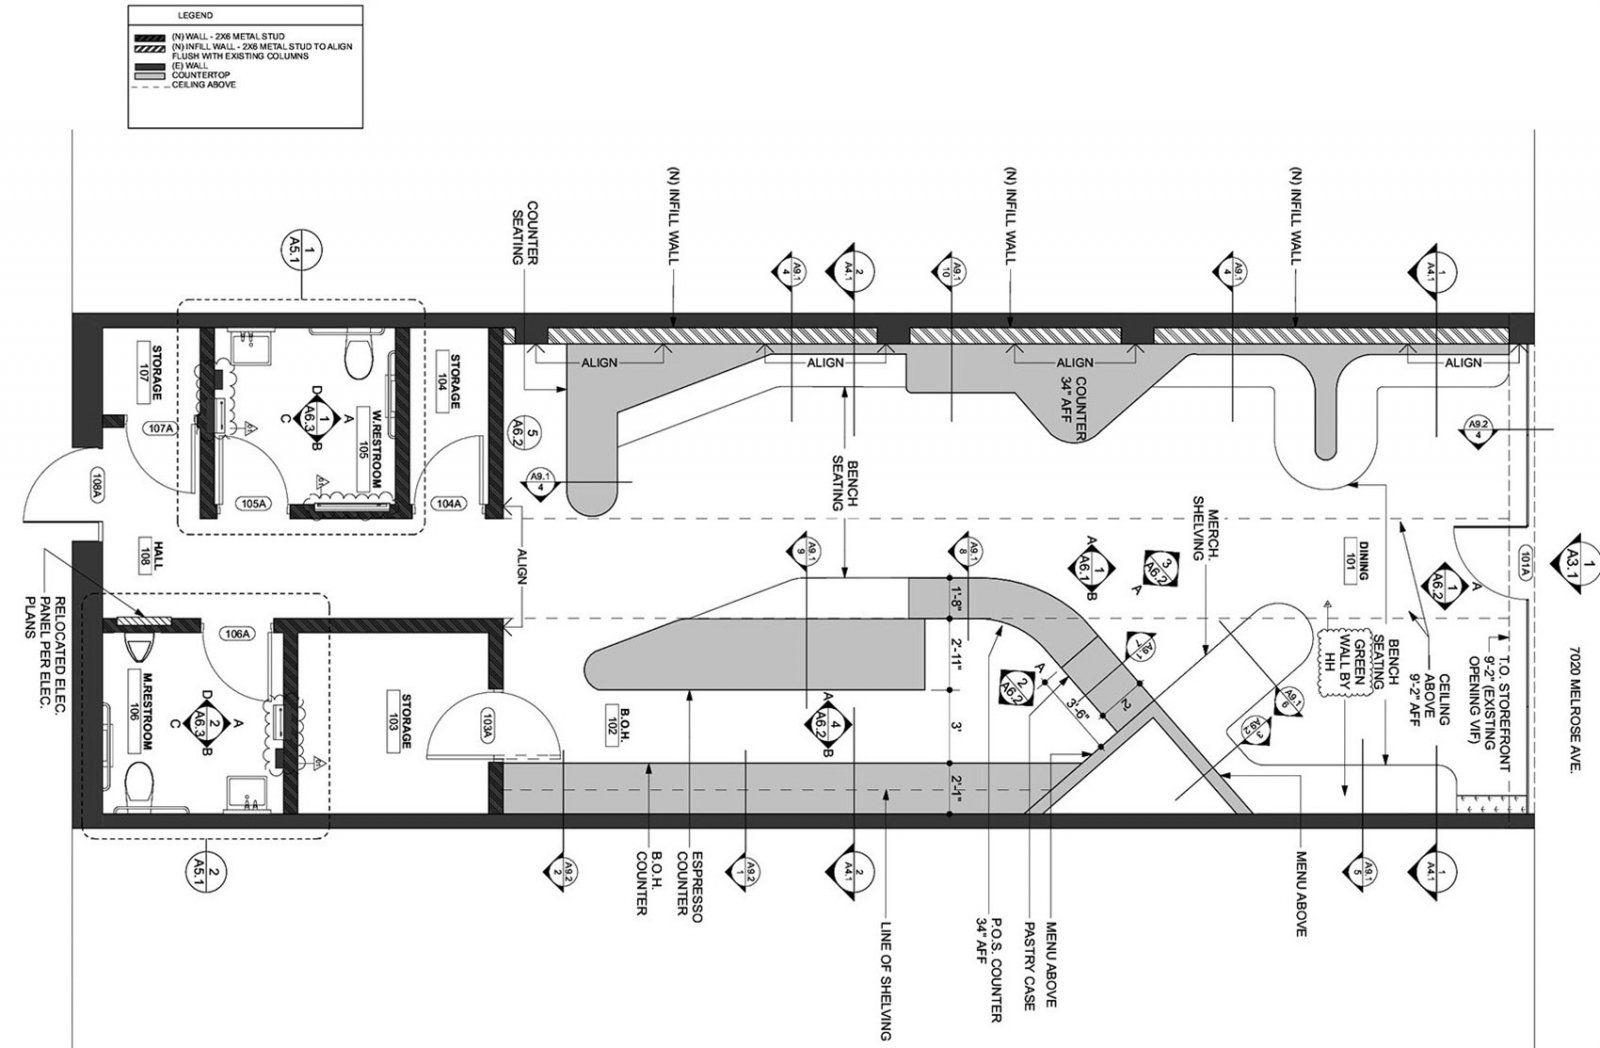 神秘的森林主题,洛杉矶大脚怪咖啡厅 | Dan Brunn Architecture